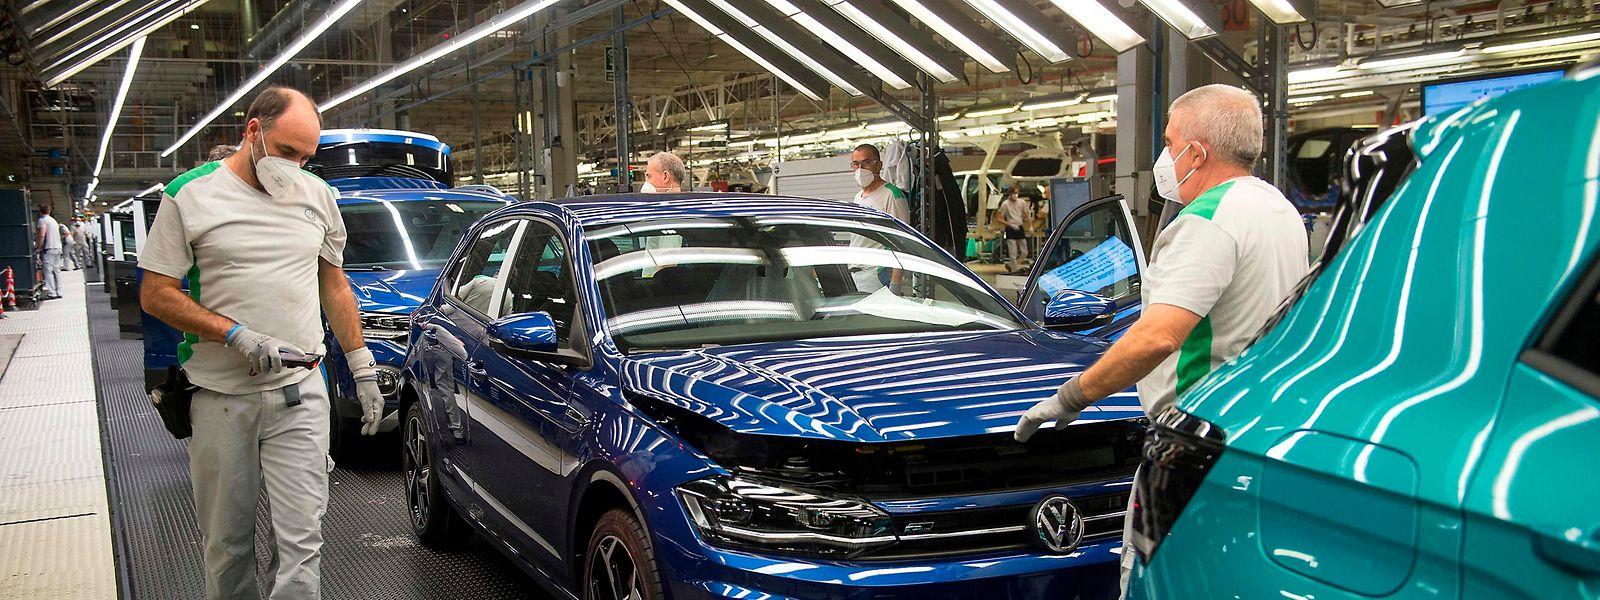 Arbeiter tragen Schutzmasken gegen das Corona-Virus in der Volkswagen-Fabrik im spanischen Pamplona. Bis zum 30. April hatte dort die Produktion stillgestanden.